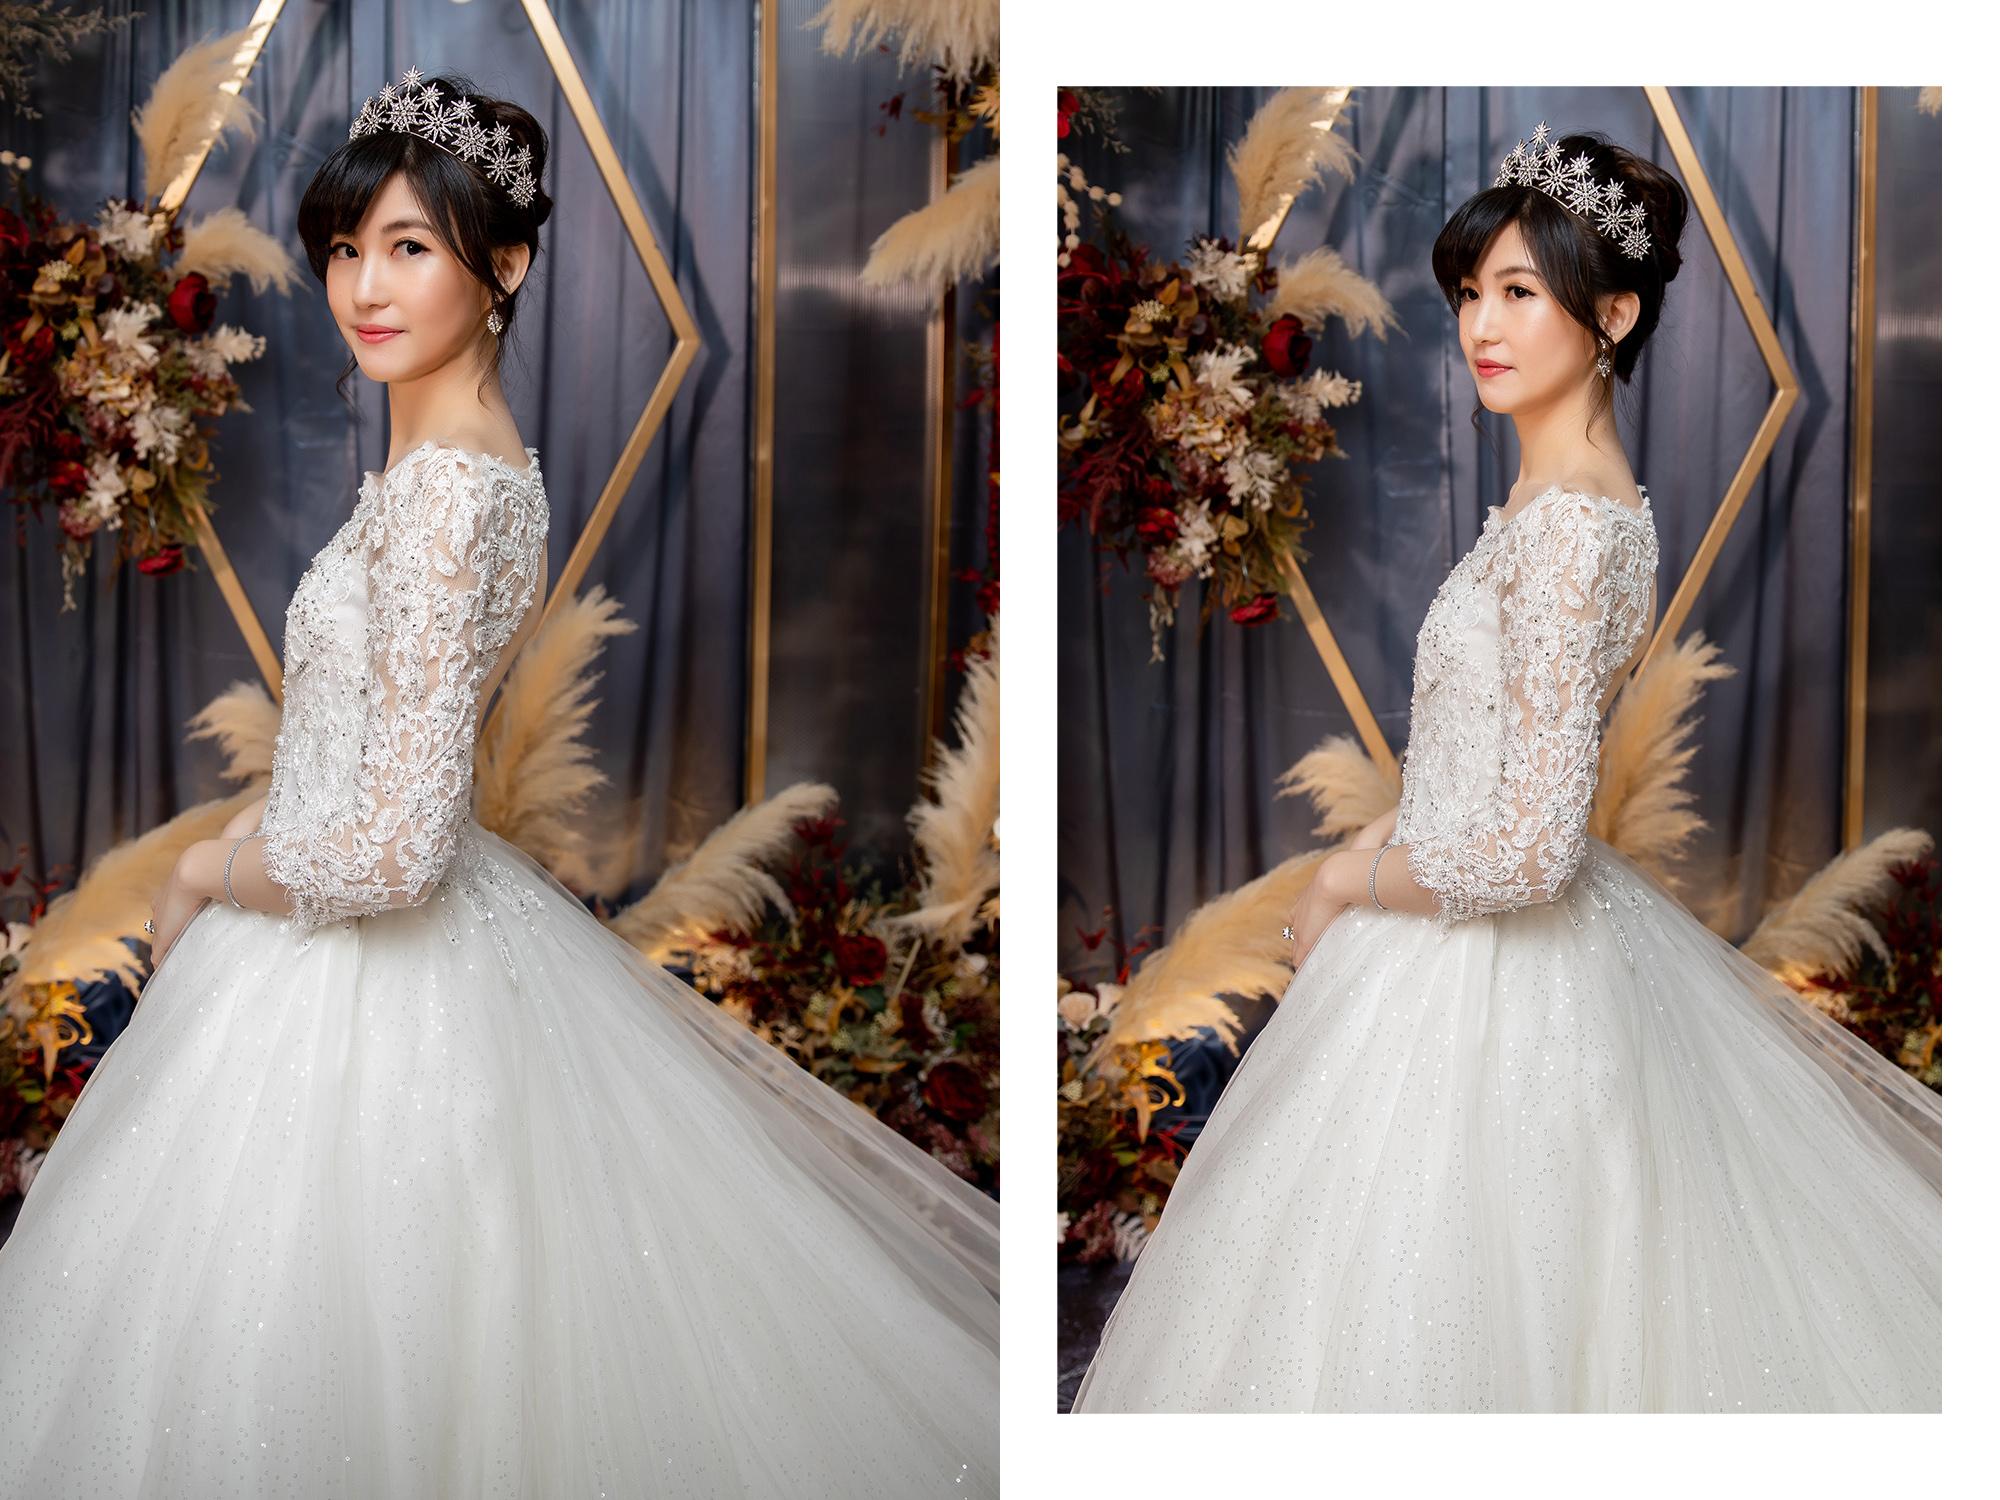 新秘Yuki,新娘秘書,新秘,新娘造型,白紗造型,新秘推薦,新娘妝容,高雄新秘, 大溪威斯汀婚宴, 林莉婚紗, 皇冠造型